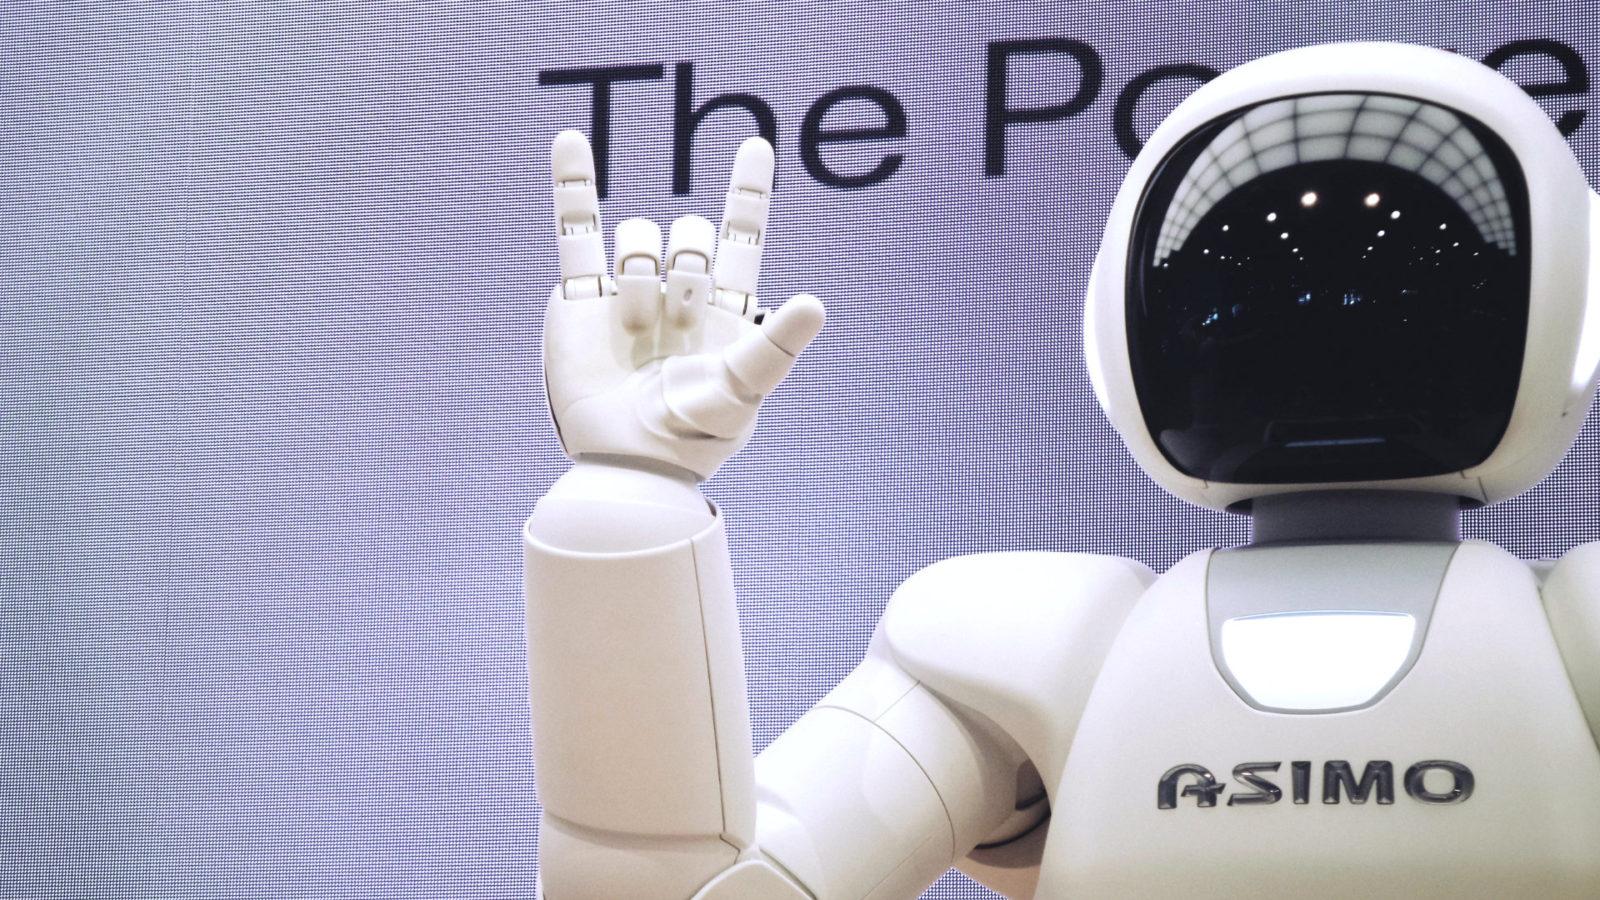 Marketing Automatisierung rockt, sehen Sie selbst